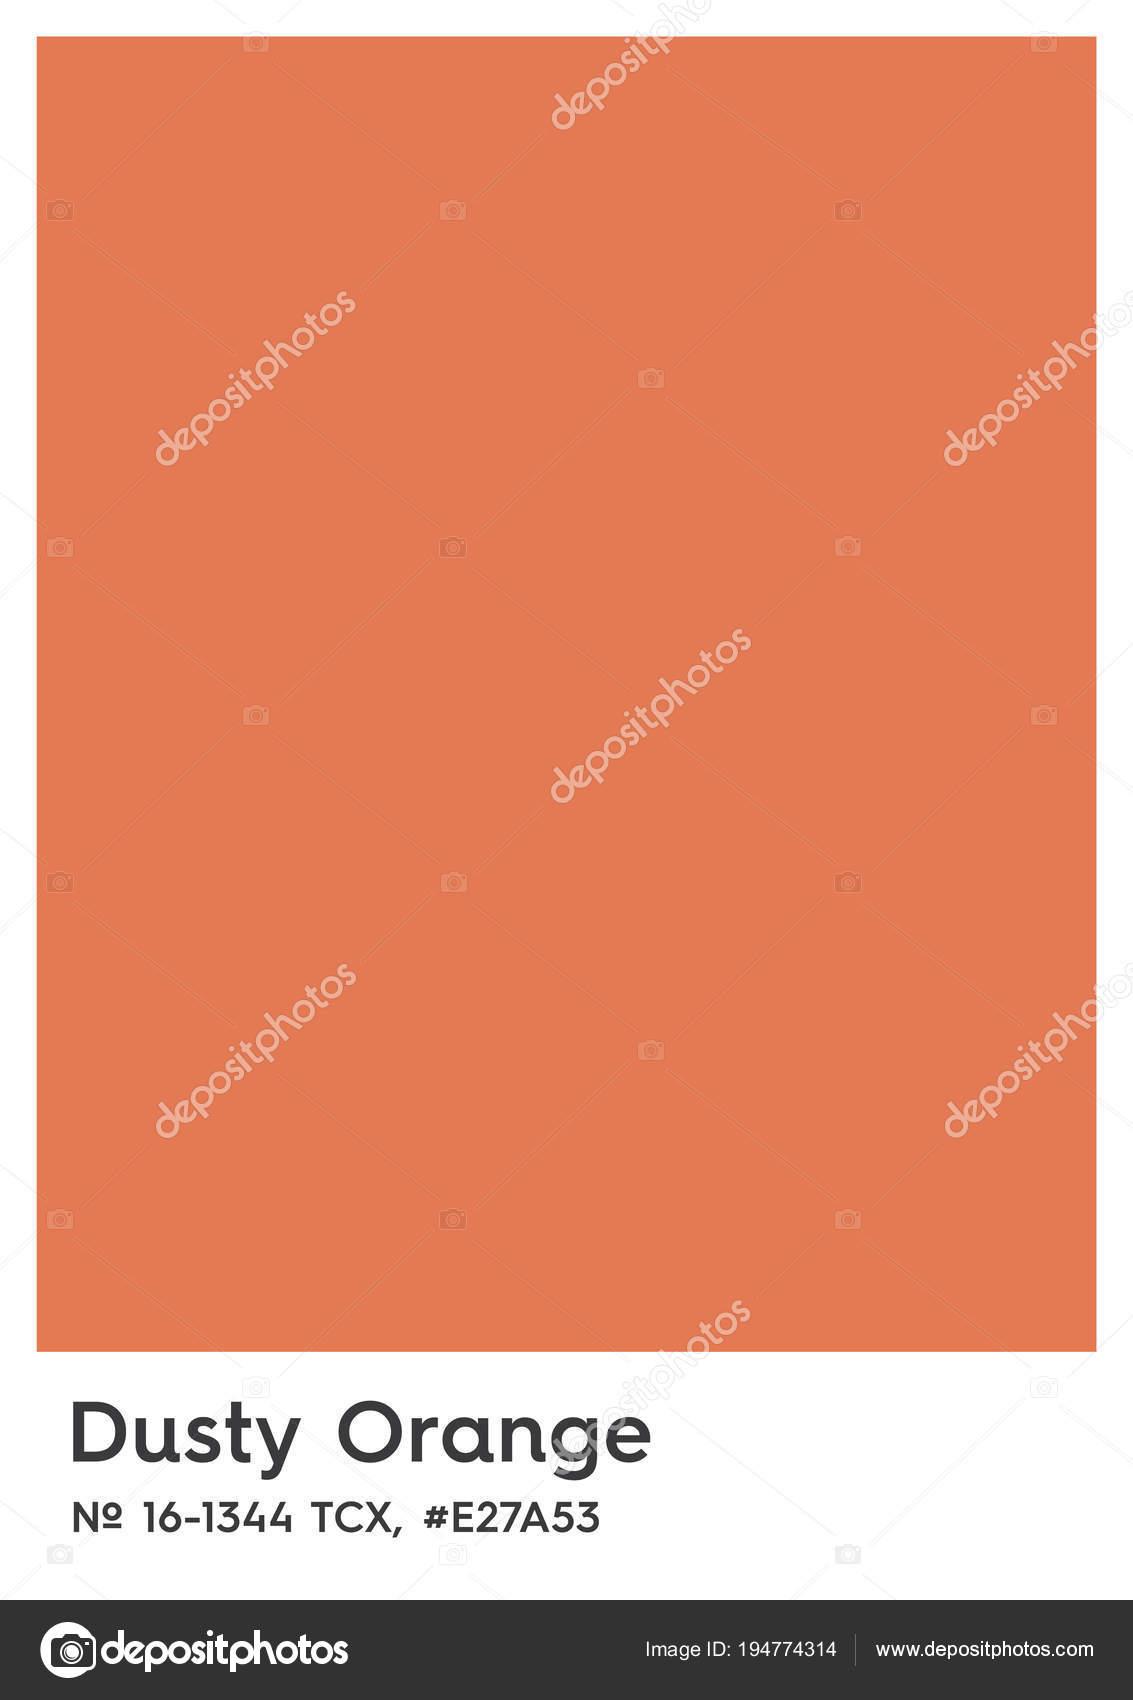 Пыльный оранжевый, 16-1344 Tcx, E27a53. Цвет удостоверения Иллюстрация–  Векторная картинка